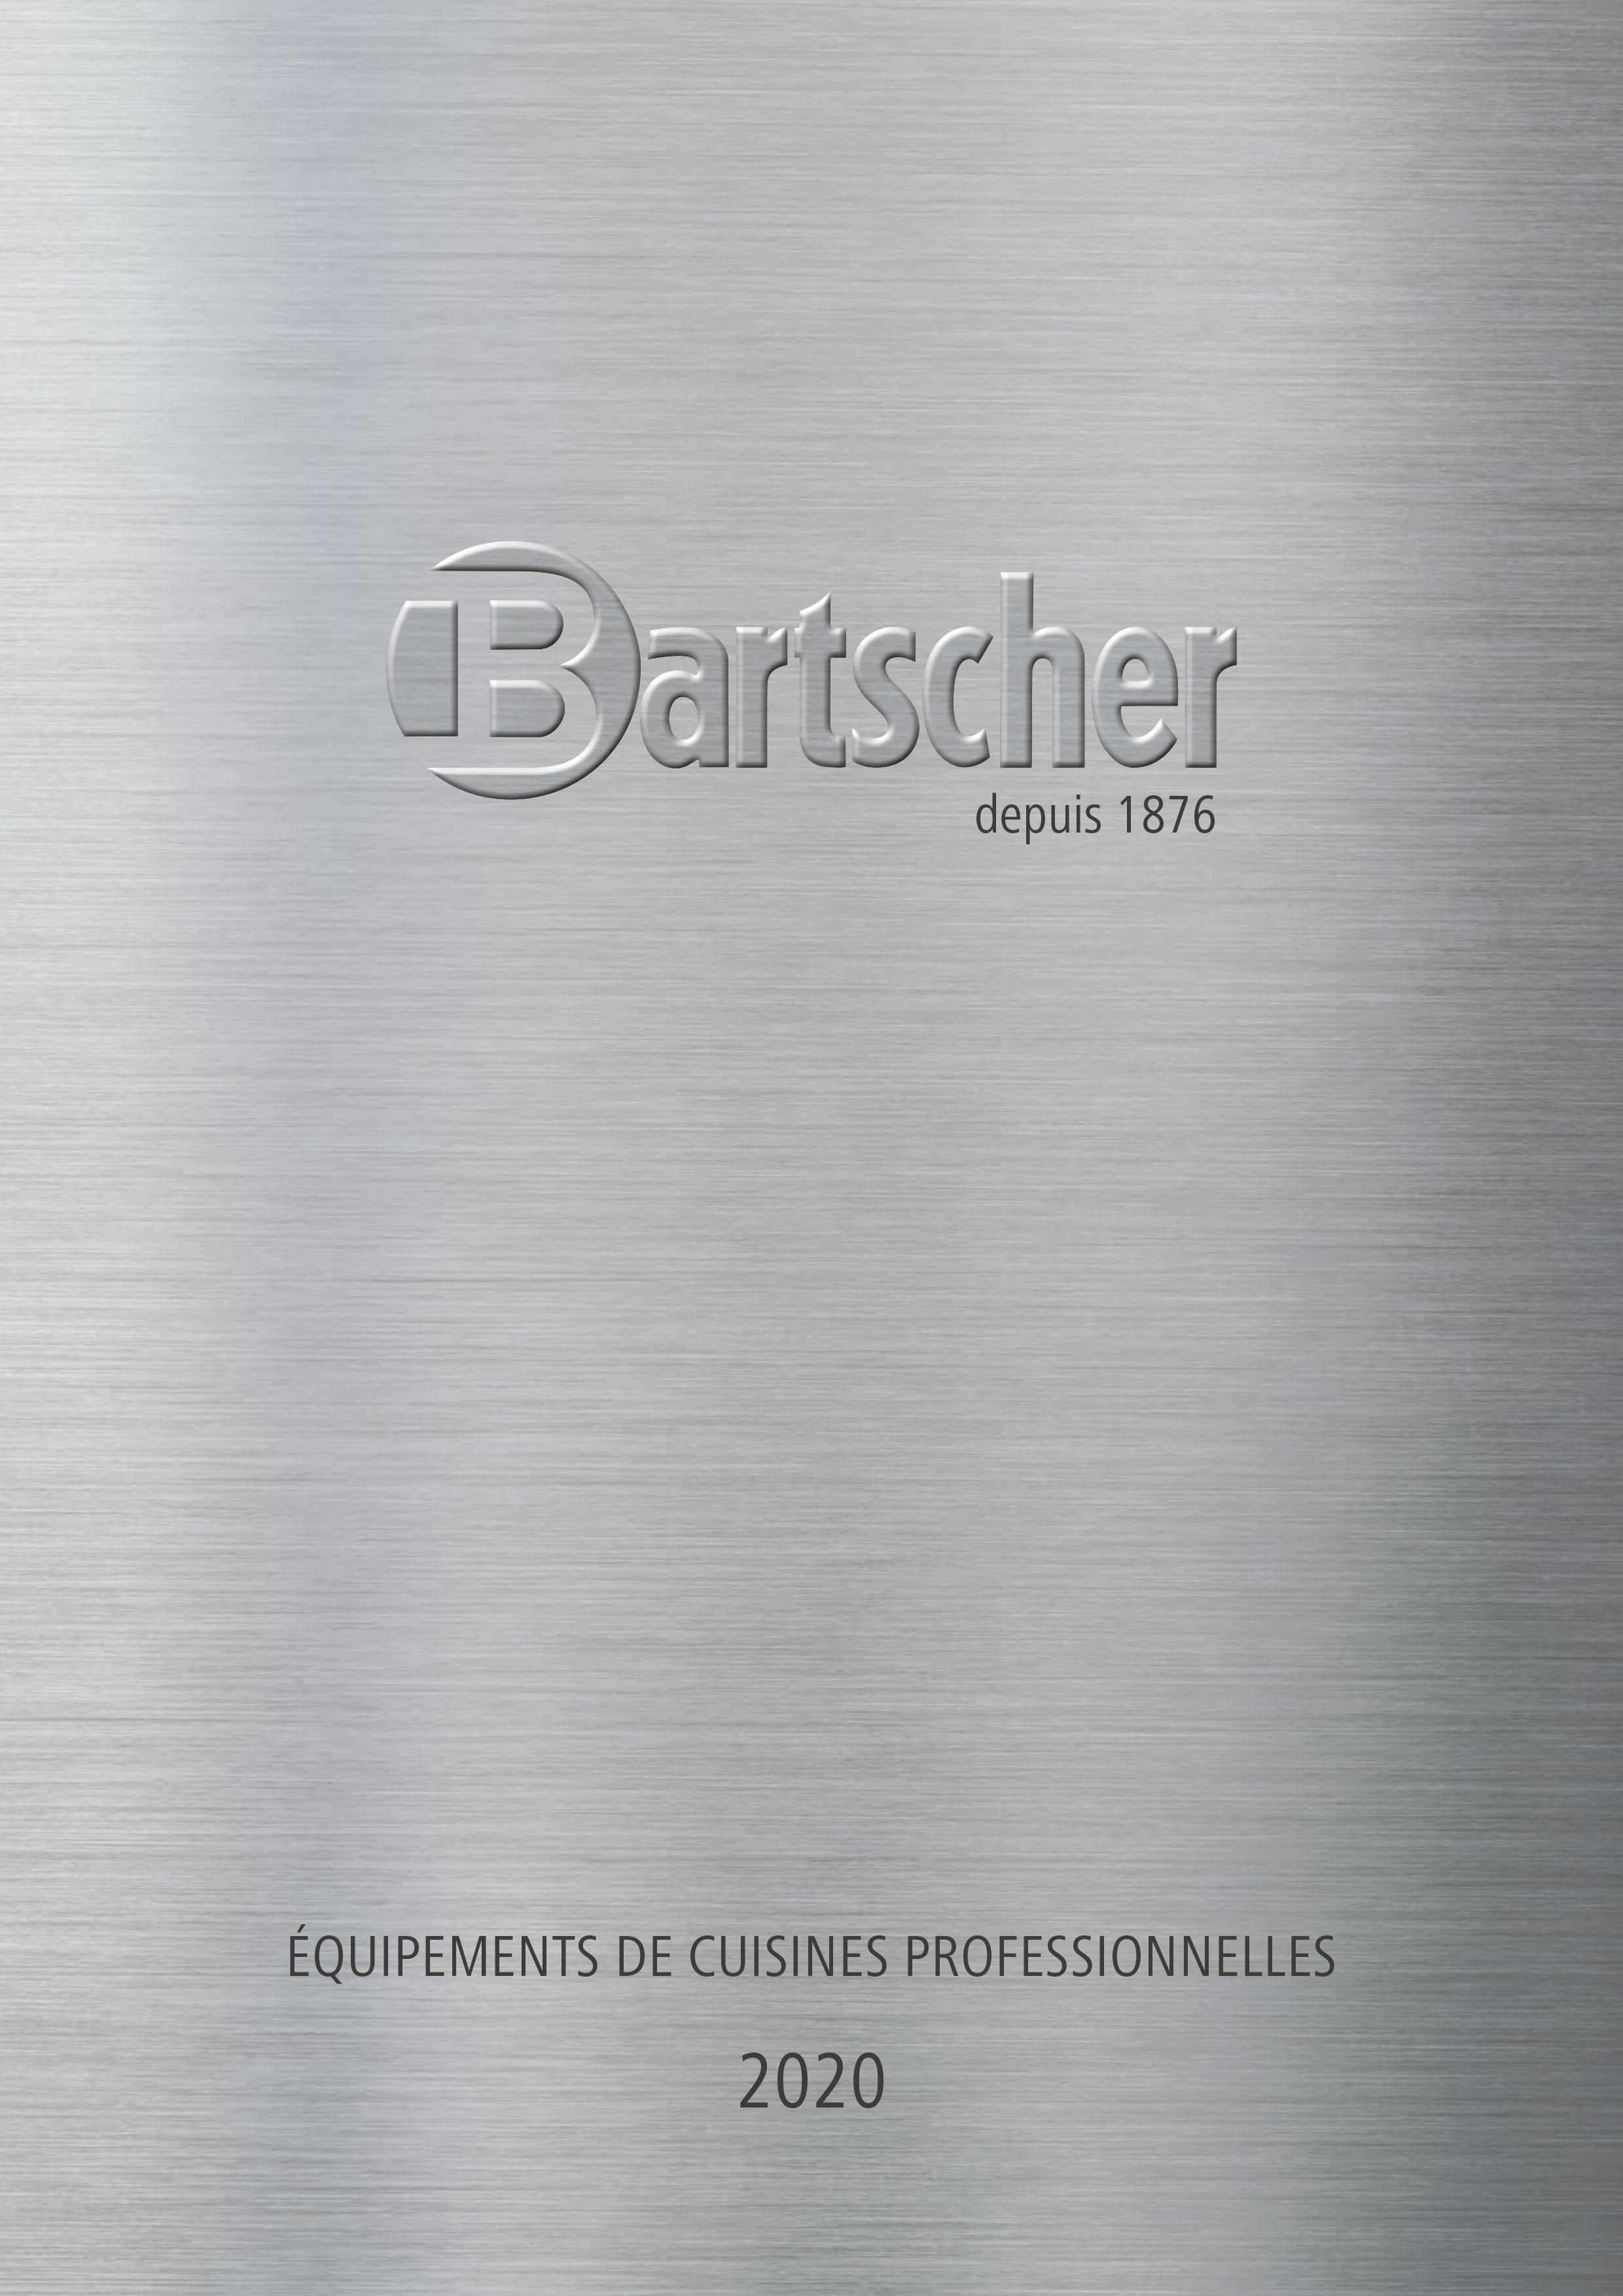 Gros matériel de cuisine | Bartscher